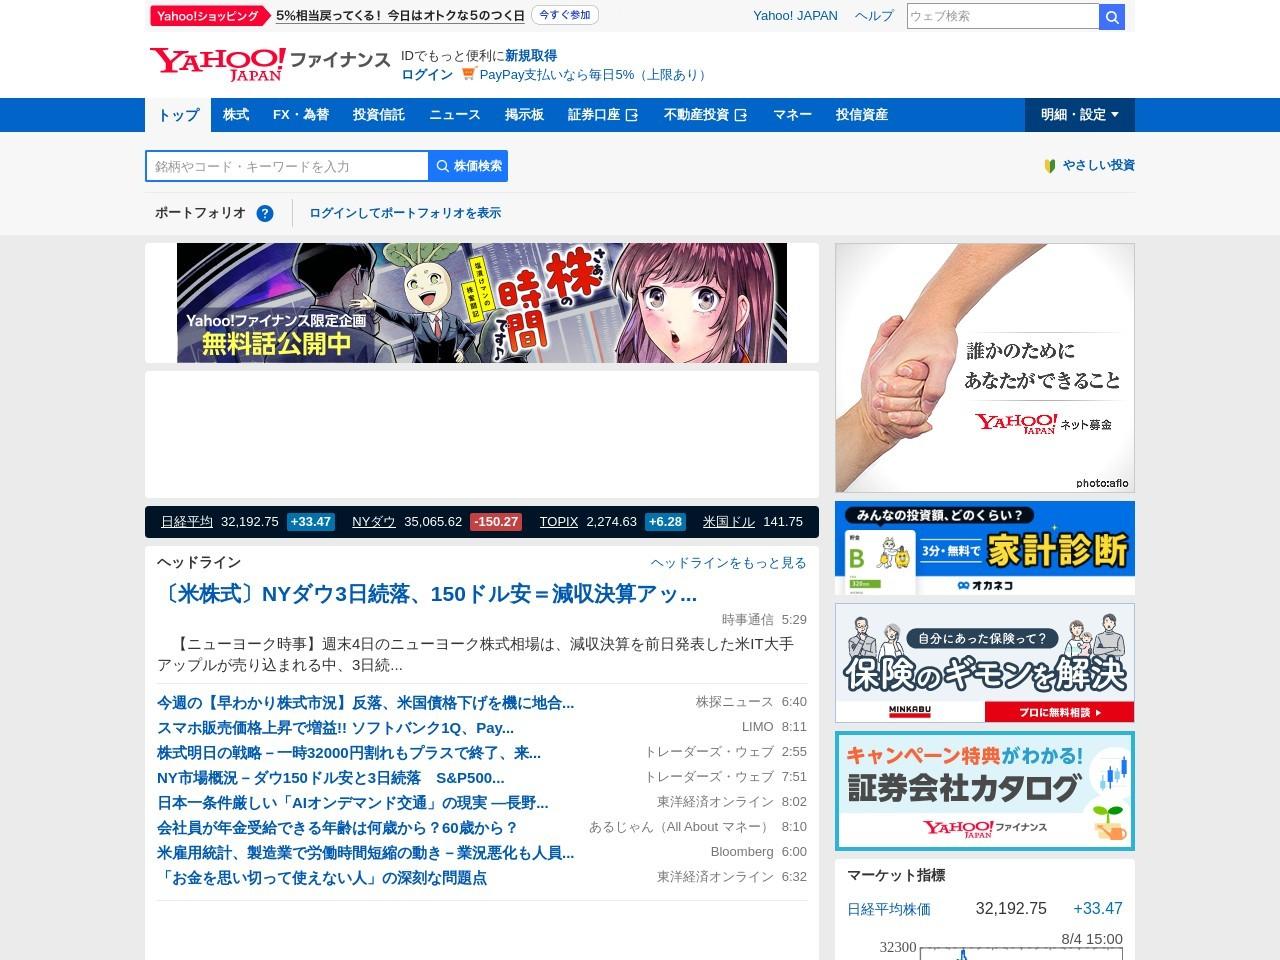 【自動投稿】 【本日のおすすめ銘柄】神戸物産、物流関連の効率化などが業績拡大に寄与